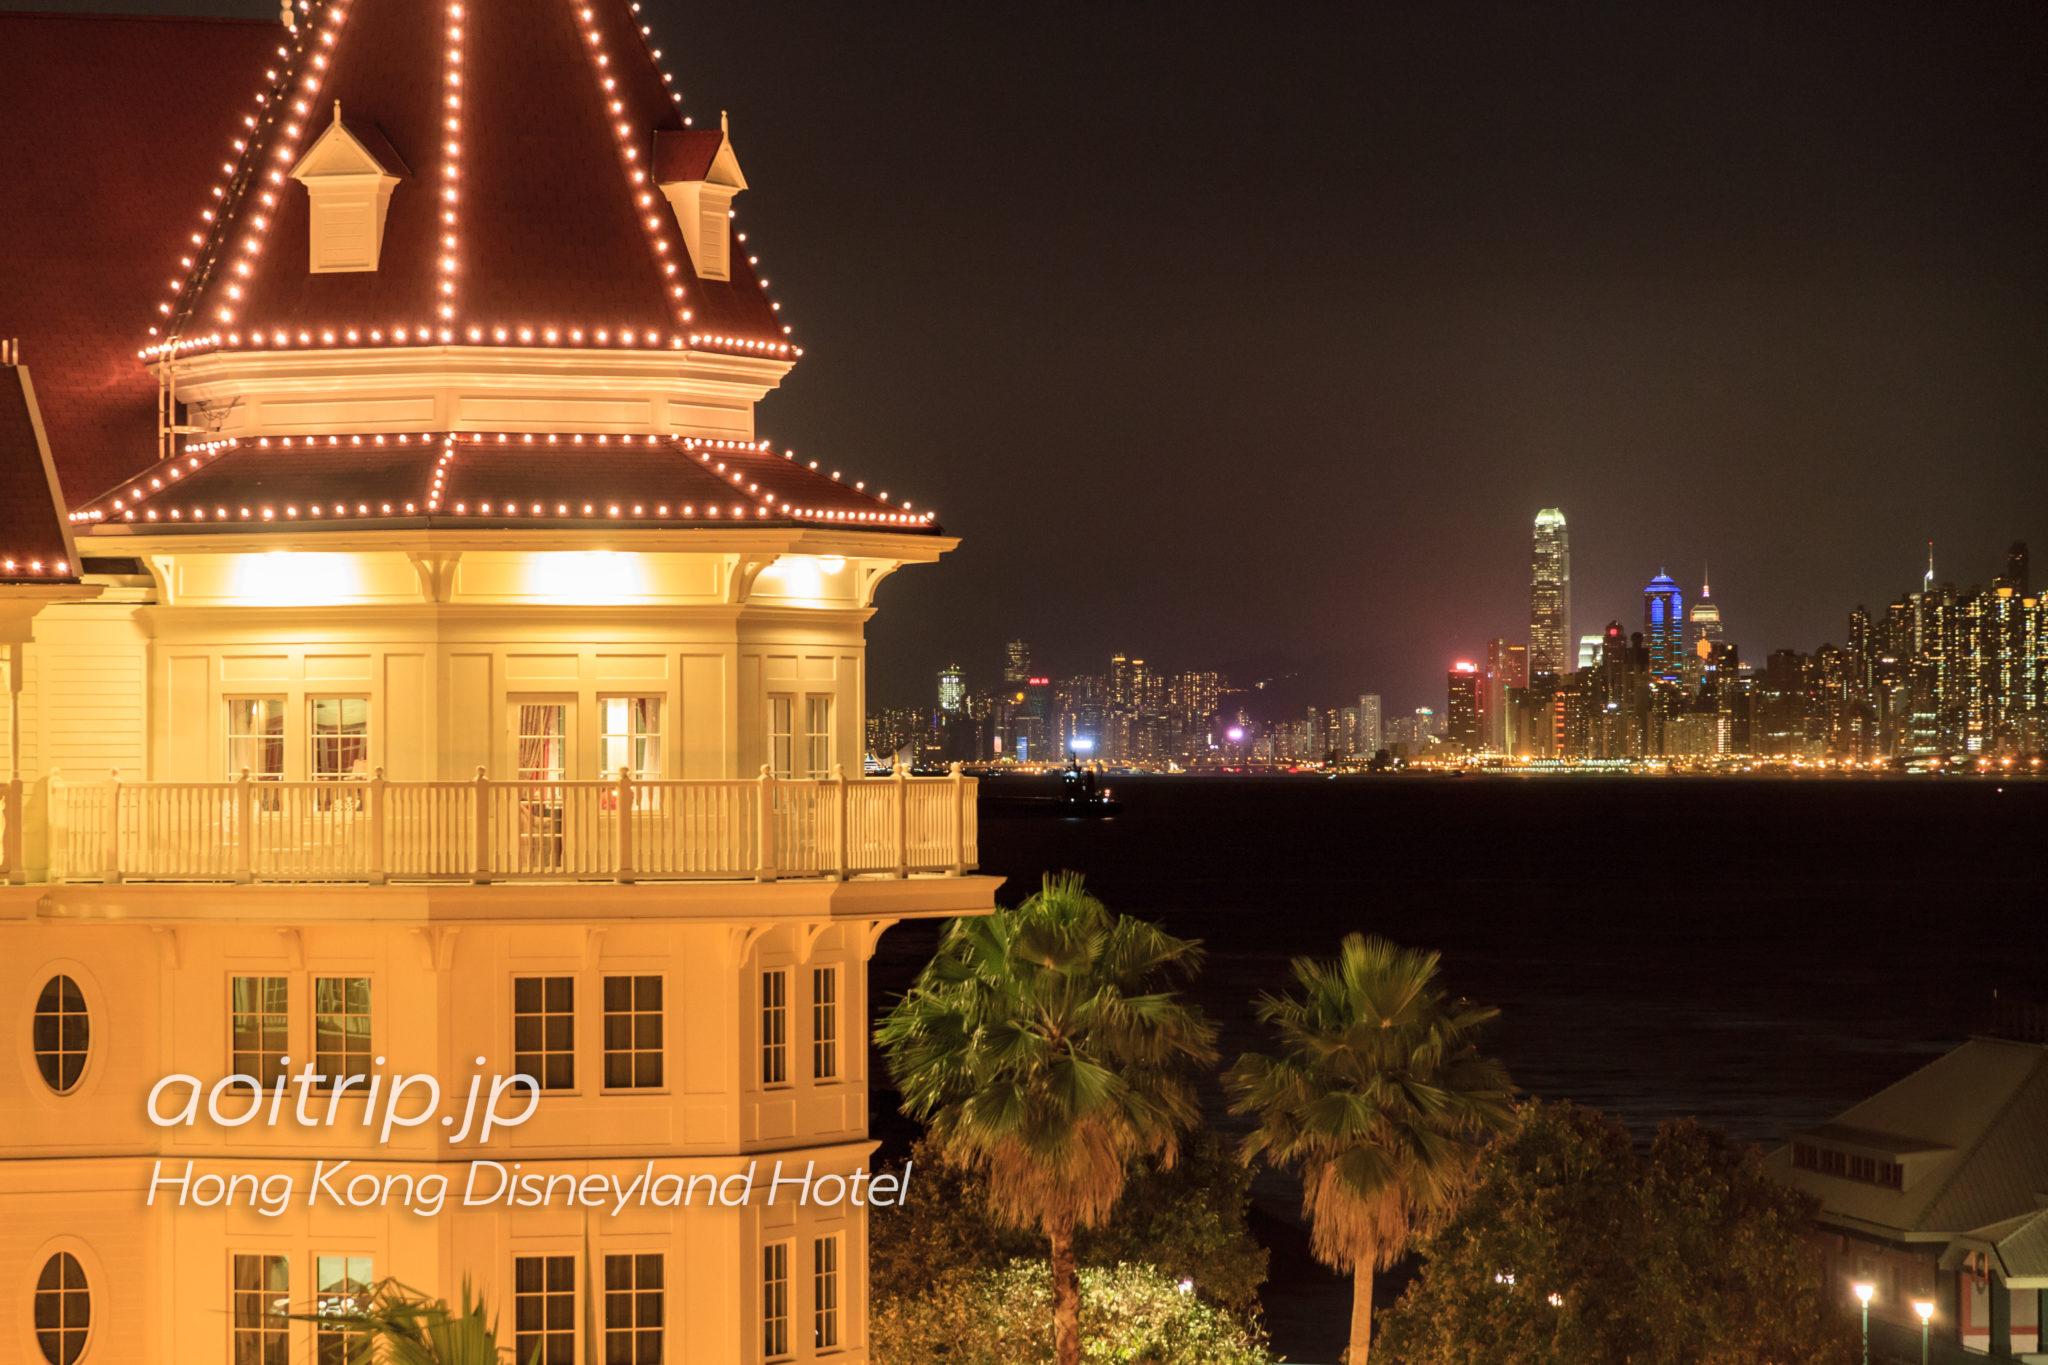 香港ディズニーランドホテルのキングダムスイートルームと香港島の夜景